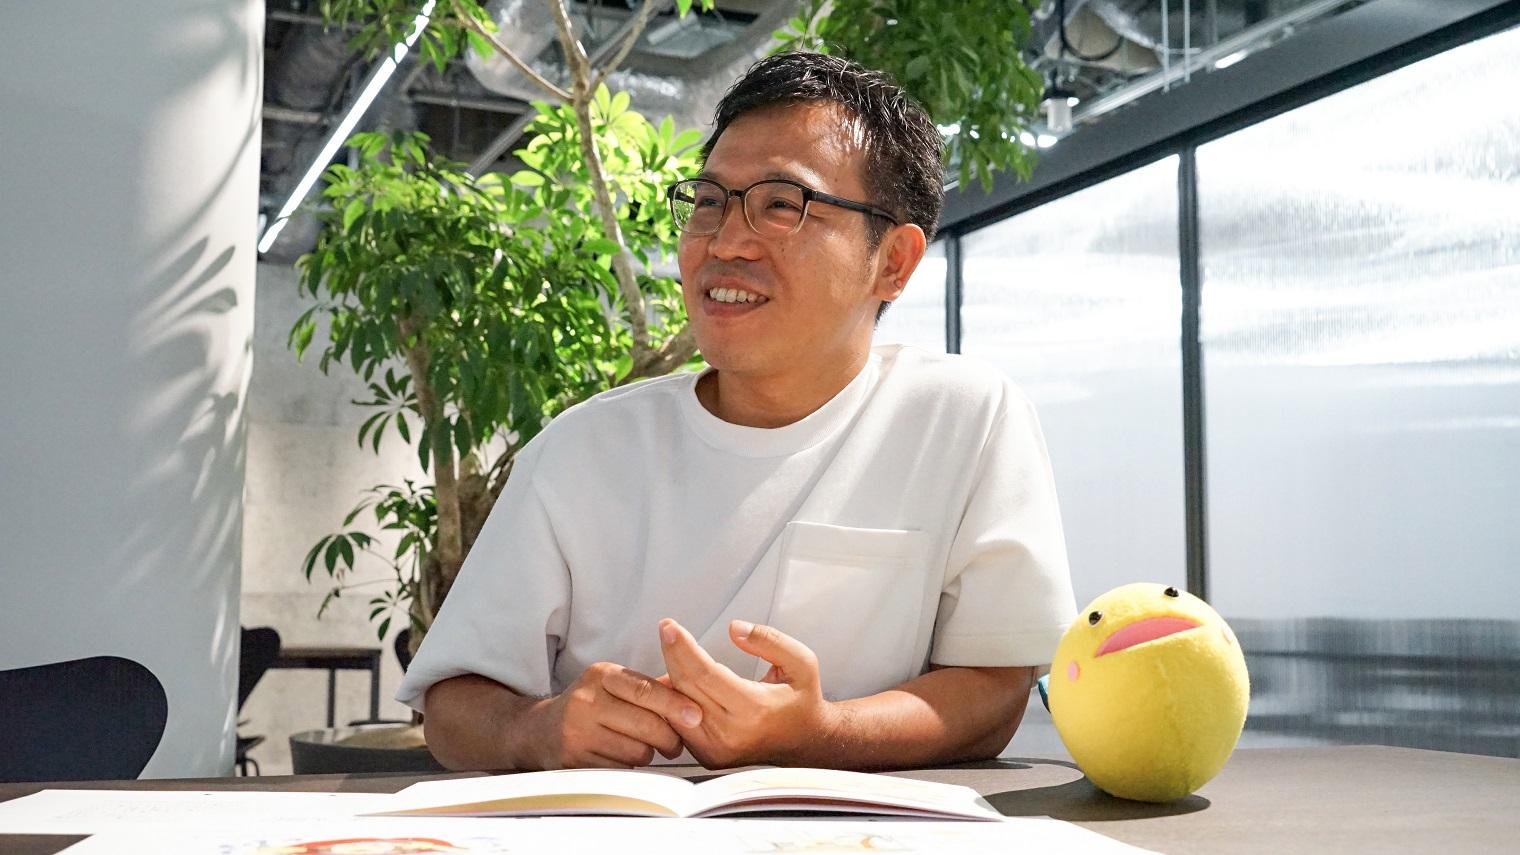 城ヶ野 修啓 ソニー株式会社 クリエイティブセンター コミュニケーションデザイン担当